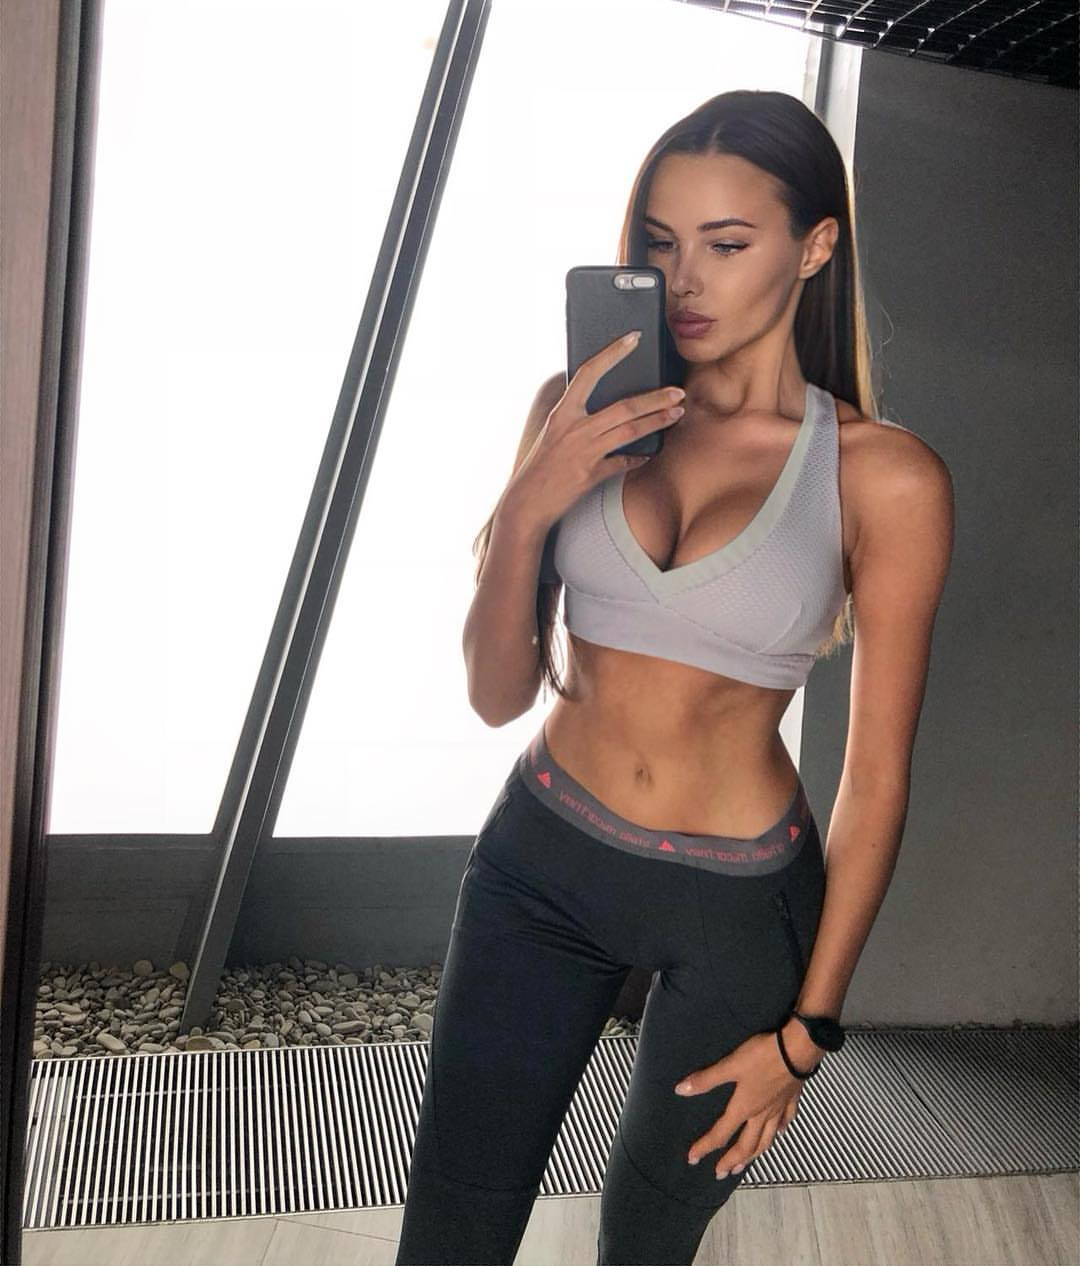 Анастасия Решетова смело рассказала о наборе веса, разместив своё папарацционное фото